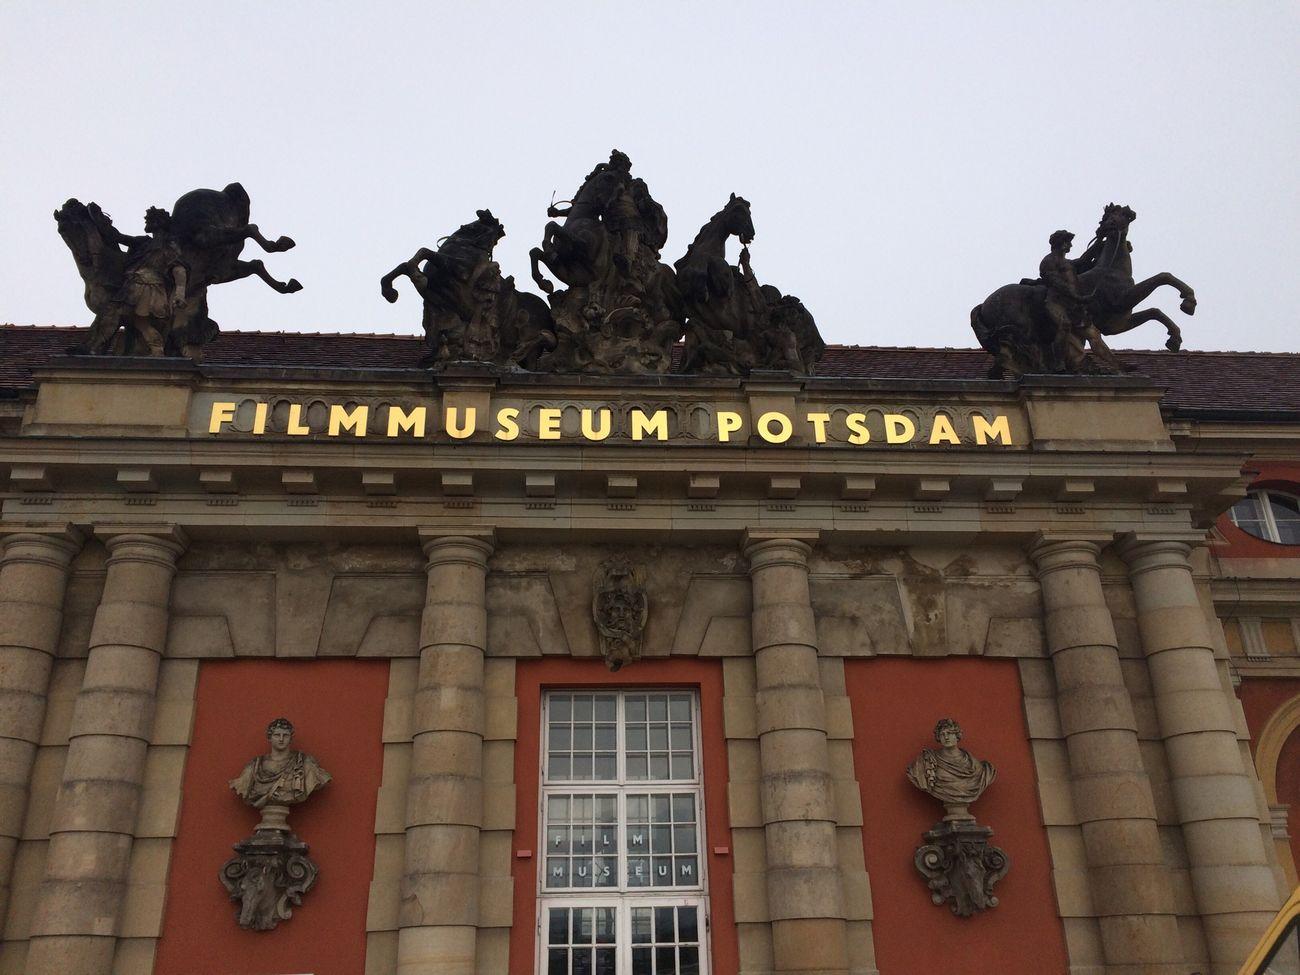 Potsdam Filmmuseum Film Museum